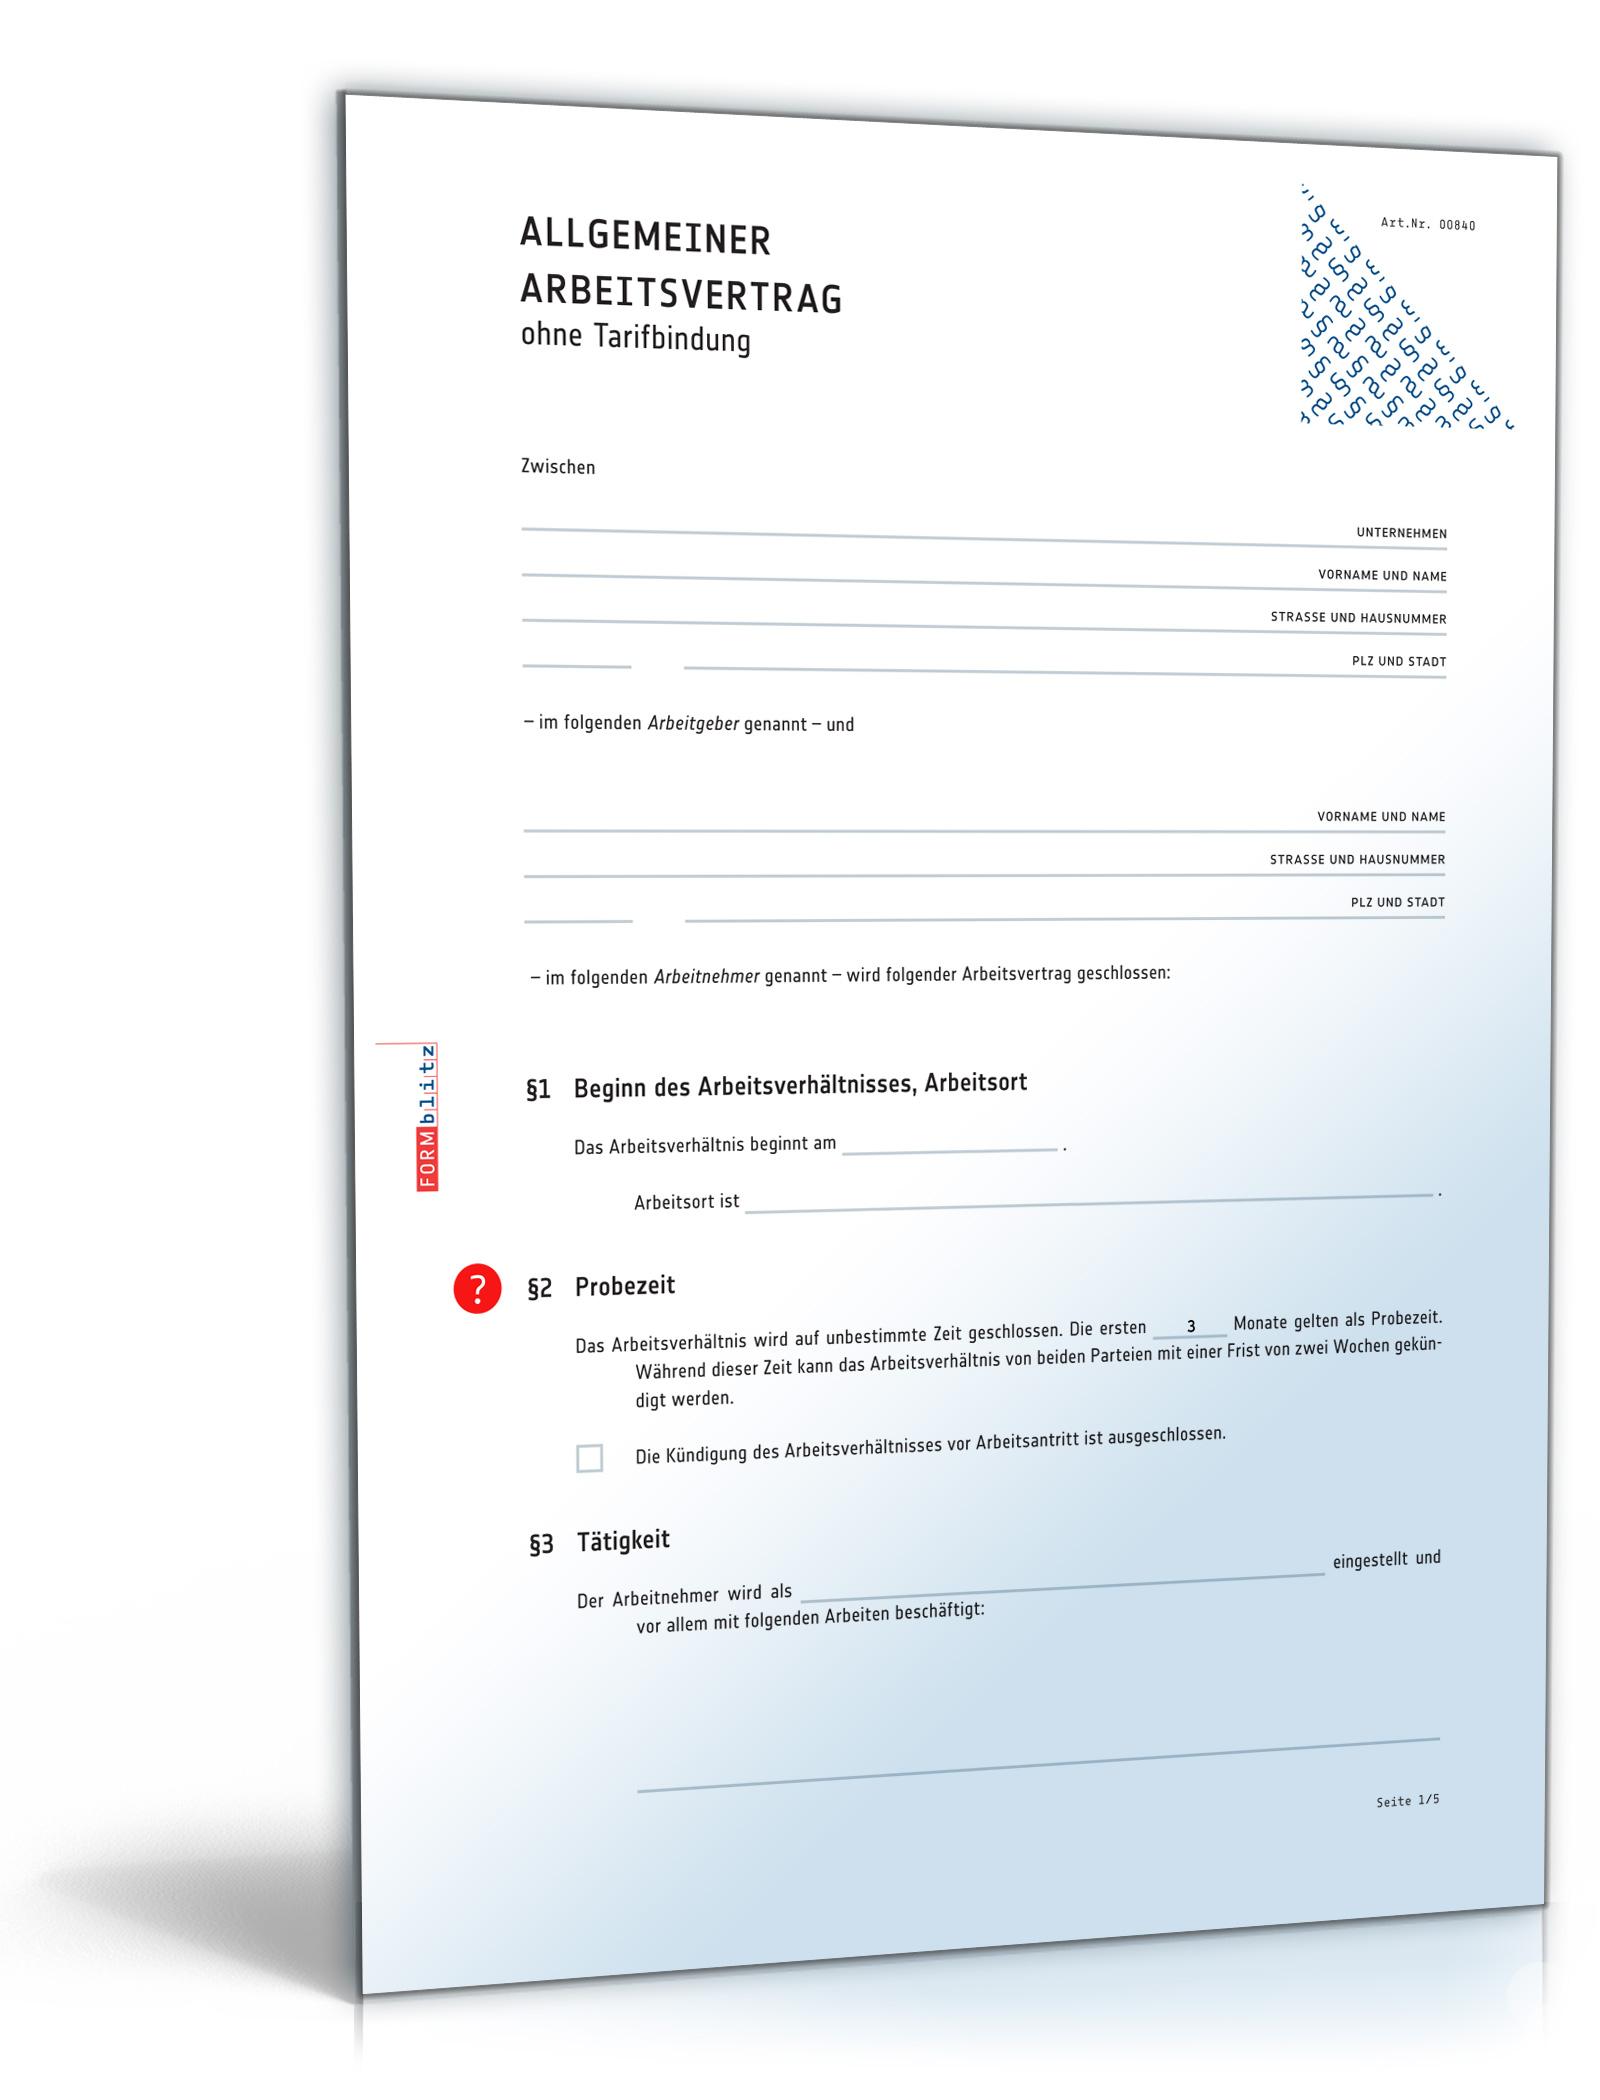 Arbeitsvertrag (DOC) - Allgemeine Vereinbarung ohne Tarifbindung [Download]